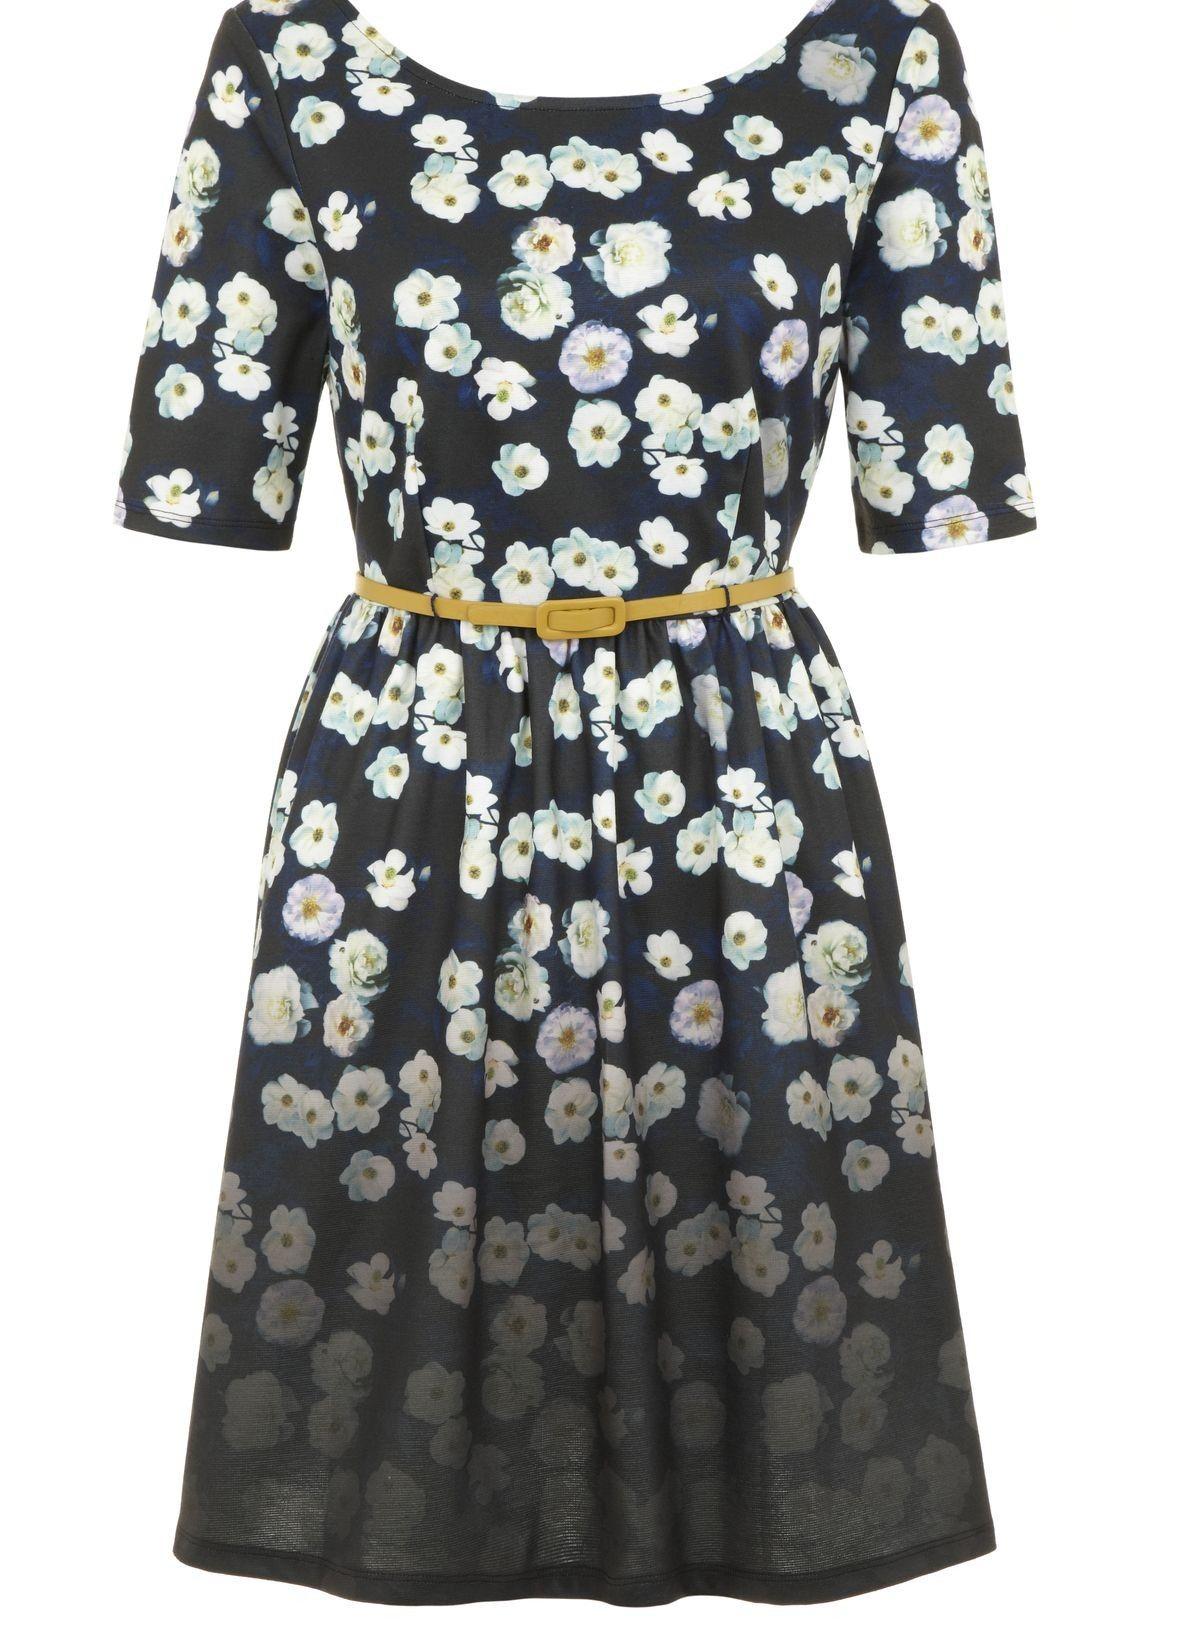 Dipsy Daisy Dress from Yumi